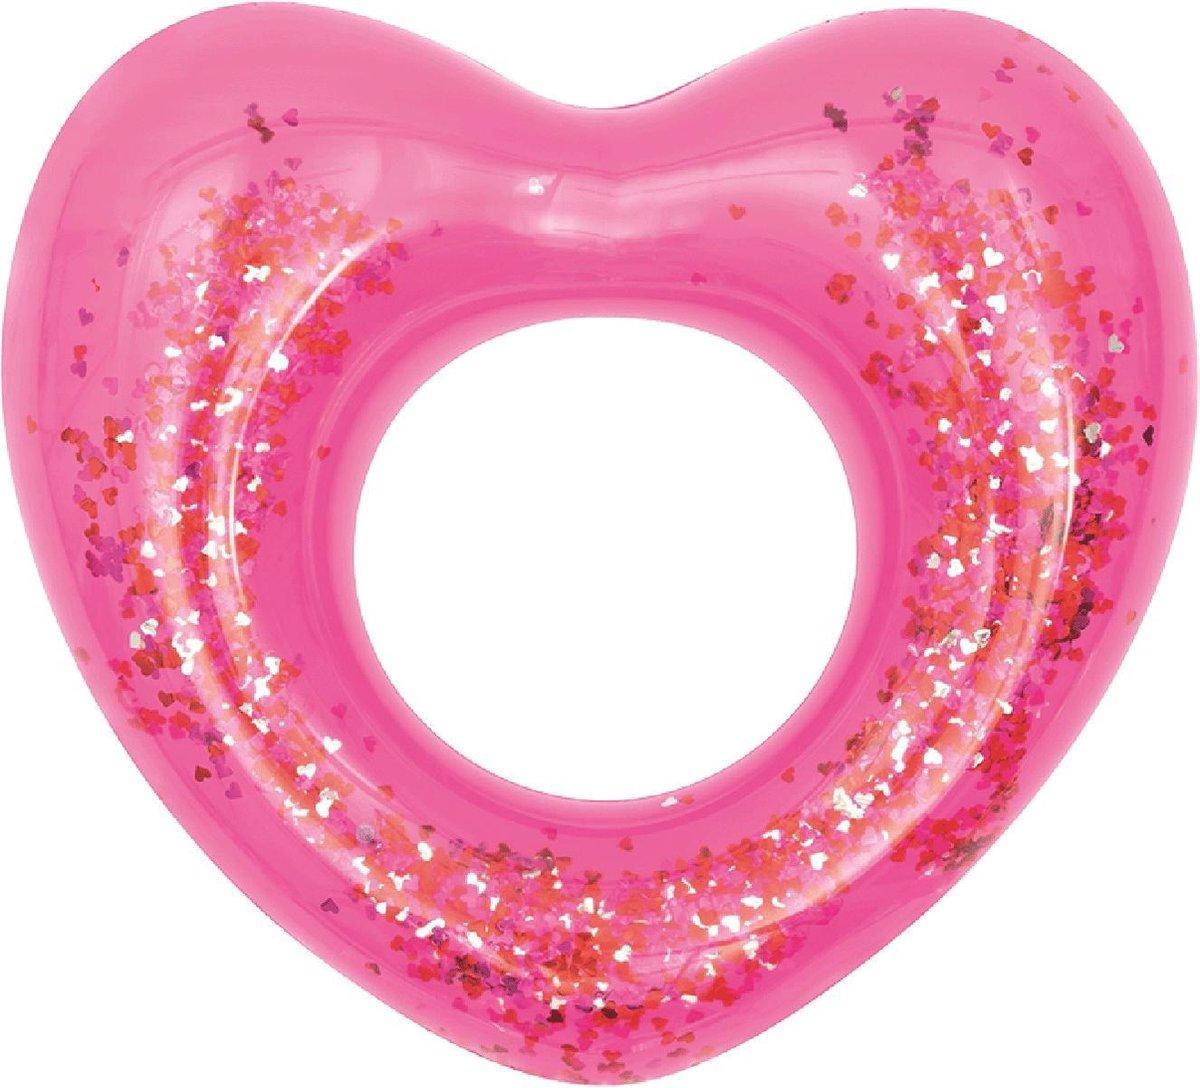 Opblaas zwemband Glitter Fusion - roze